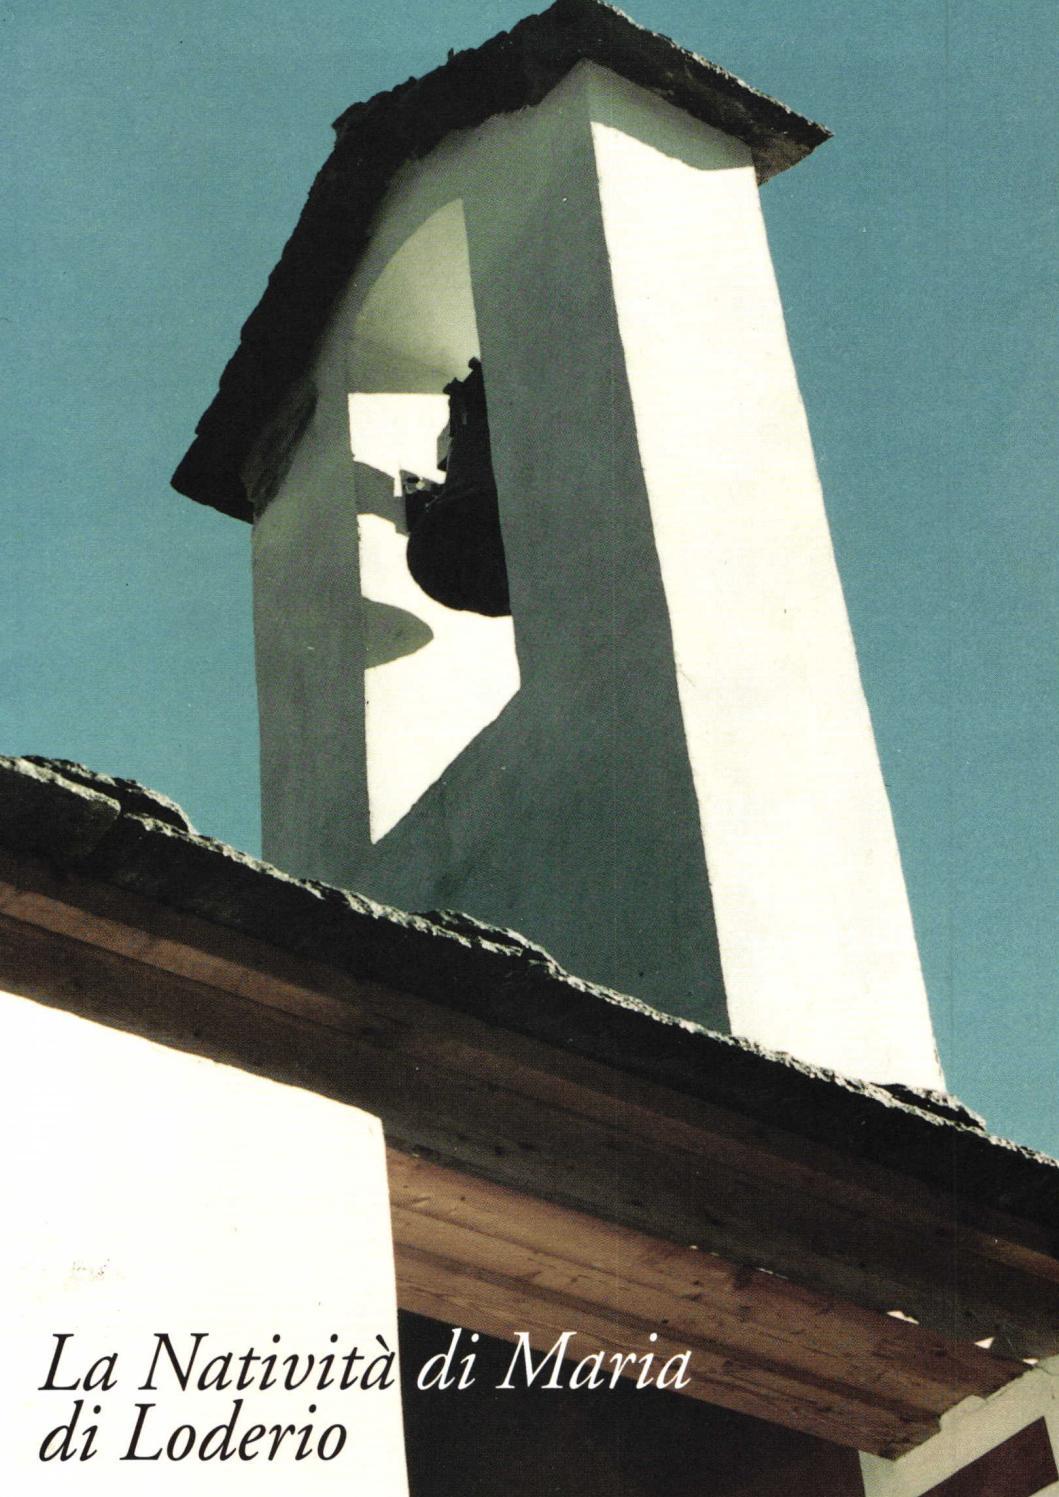 La natività di Maria (2003) by Parrocchia Biasca - issuu